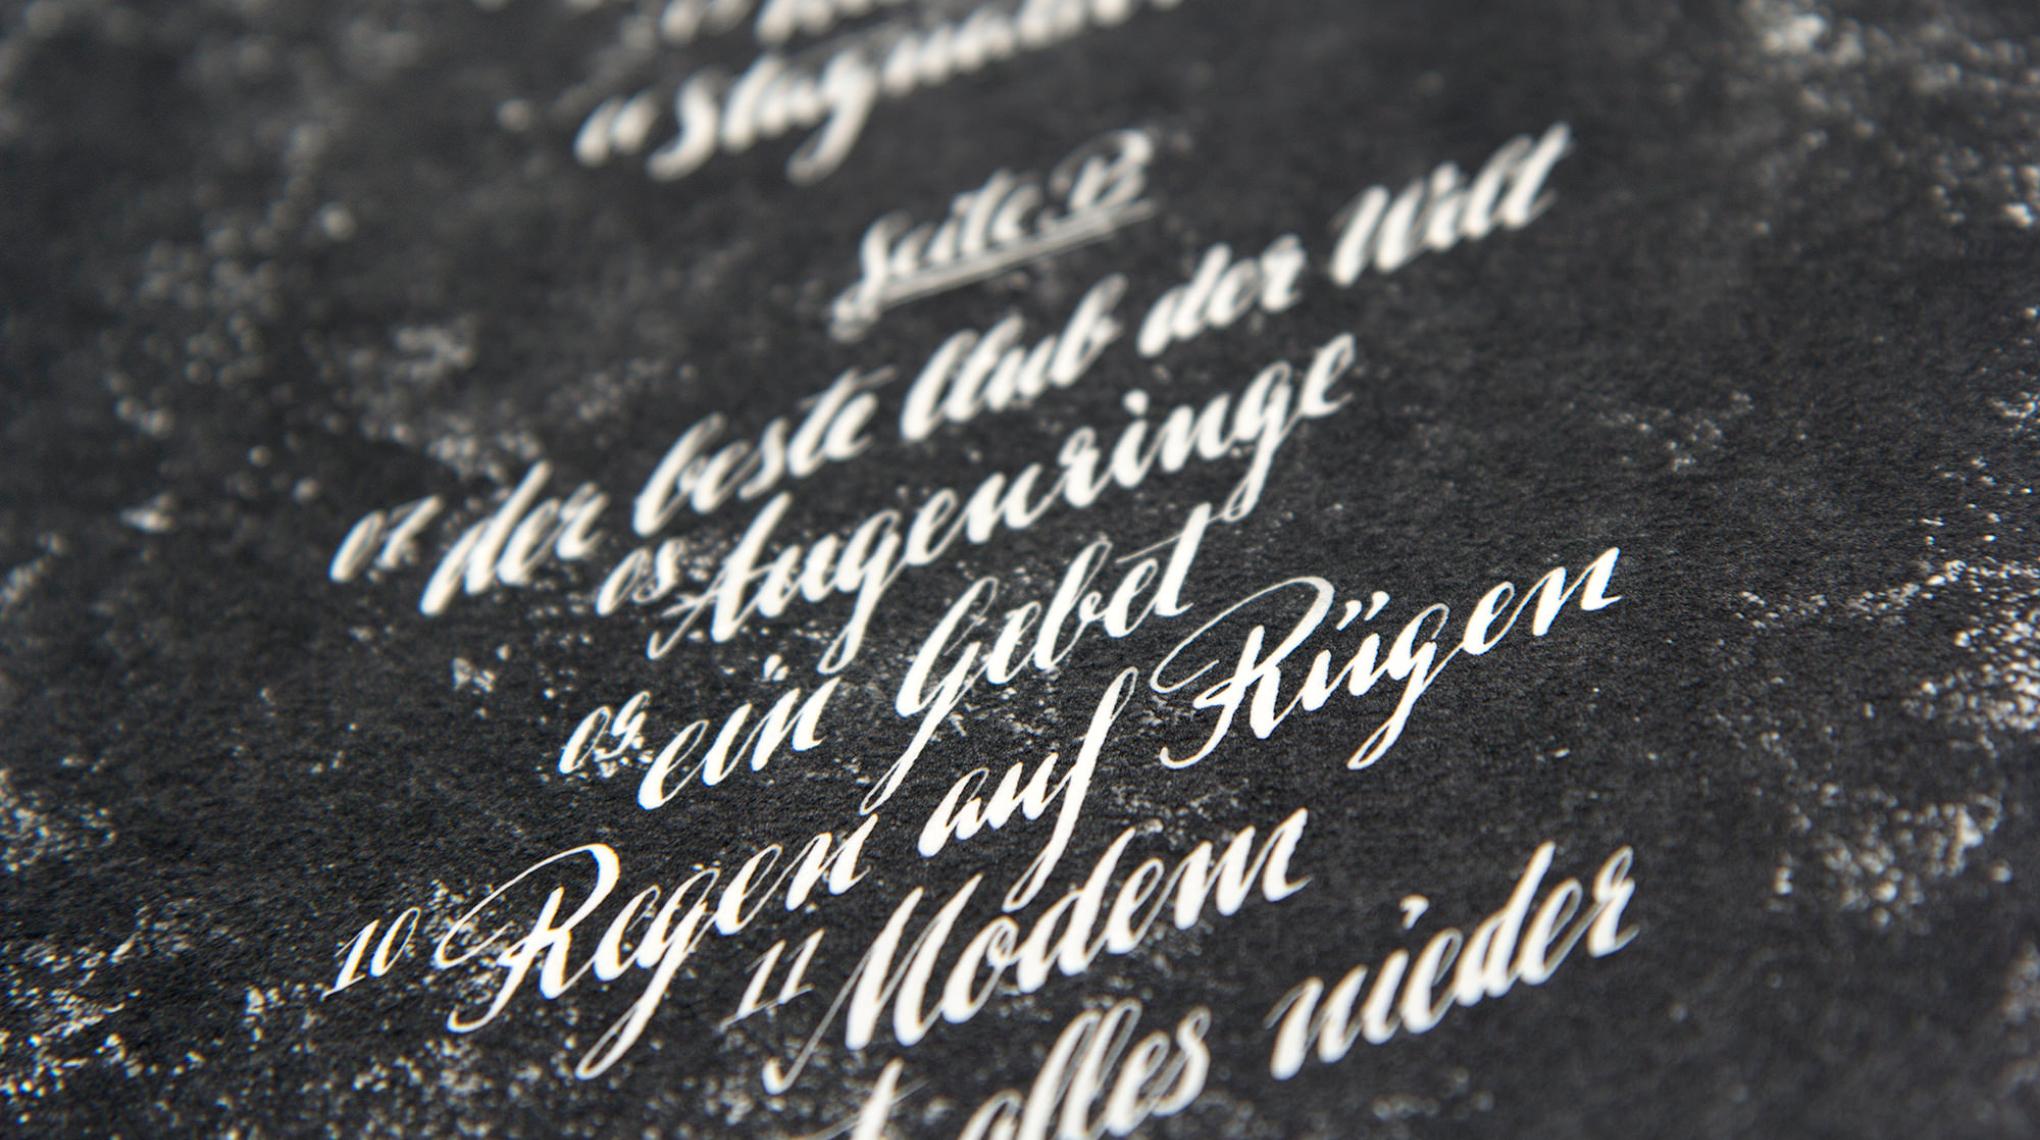 Kalligraphie Gestaltung für Love A, anlässlich des Albums Jagd und Hund